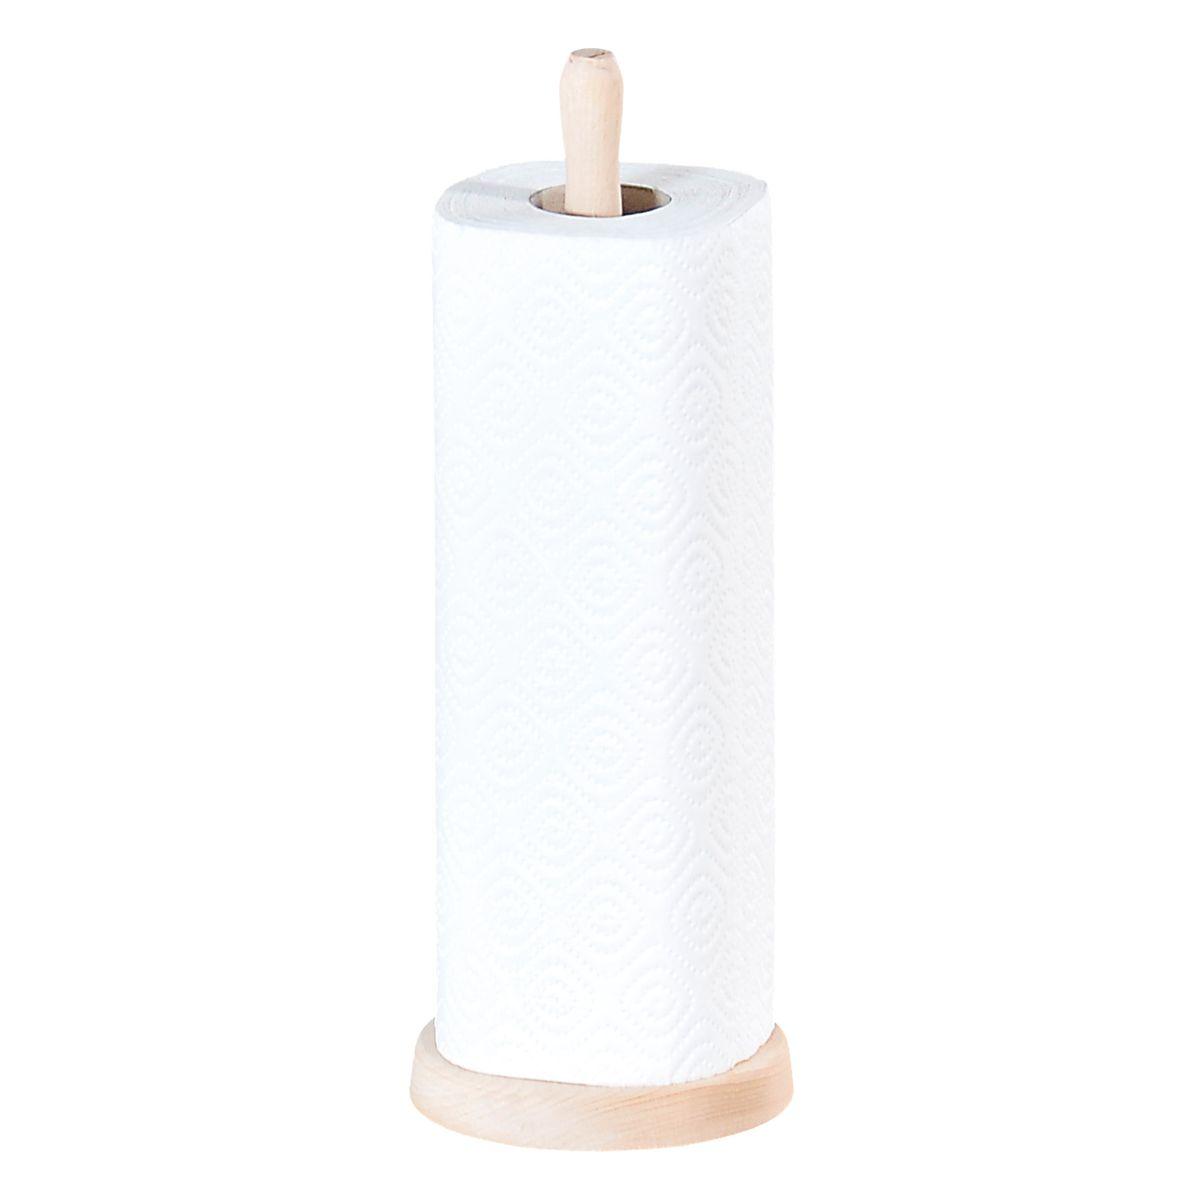 Стойка для бумажных полотенец Kesper, высота 33 см. 1200-2Ветерок-2 У_6 поддоновСтойка для бумажных полотенец Kesper изготовлена из натурального дерева. Состоит из круглого основания и стержня, на который устанавливается рулон с бумажными полотенцами. Стойка очень удобна в использовании.Оригинальный держатель стильно украсит интерьер кухни и станет аксессуаром, который будет обращать на себя внимание.Высота стойки: 33 см.Диаметр стойки: 11 см.